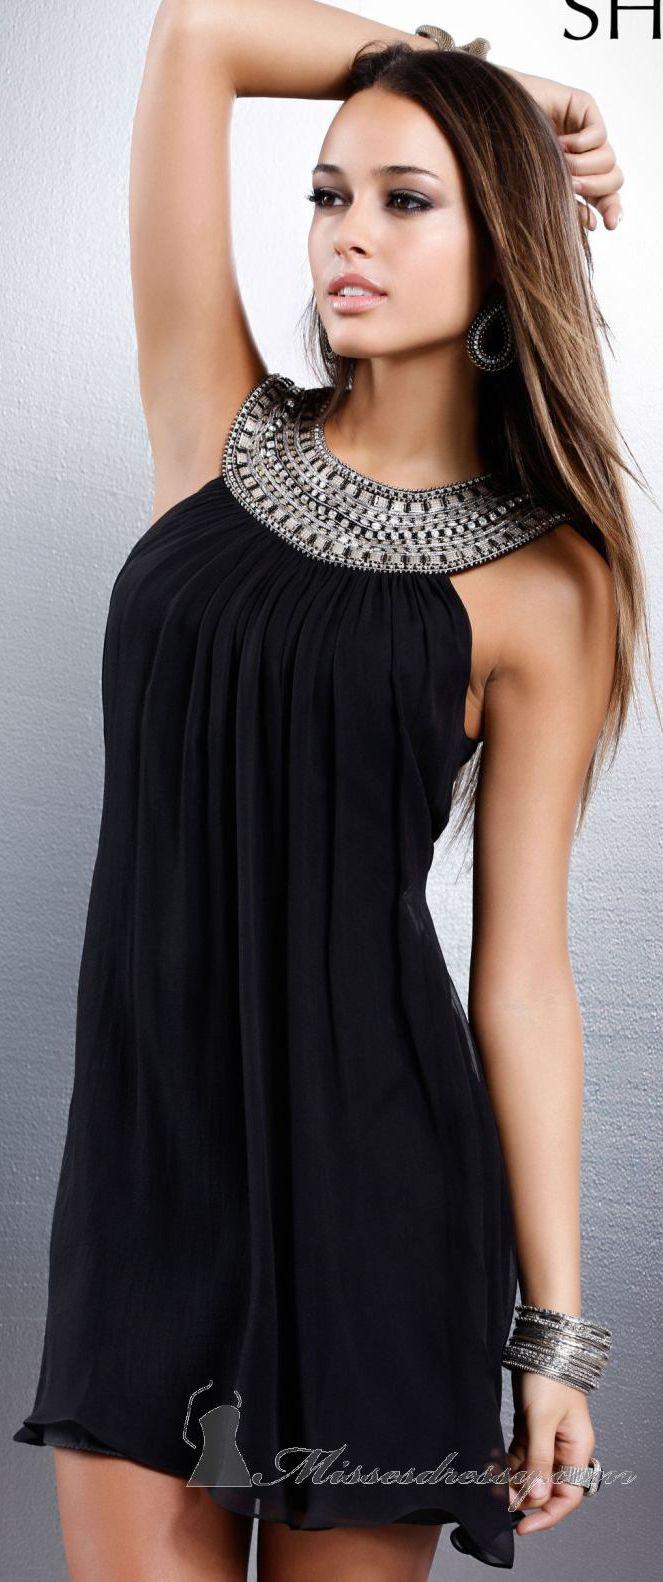 Shail K Embellished Black Cocktail Dress